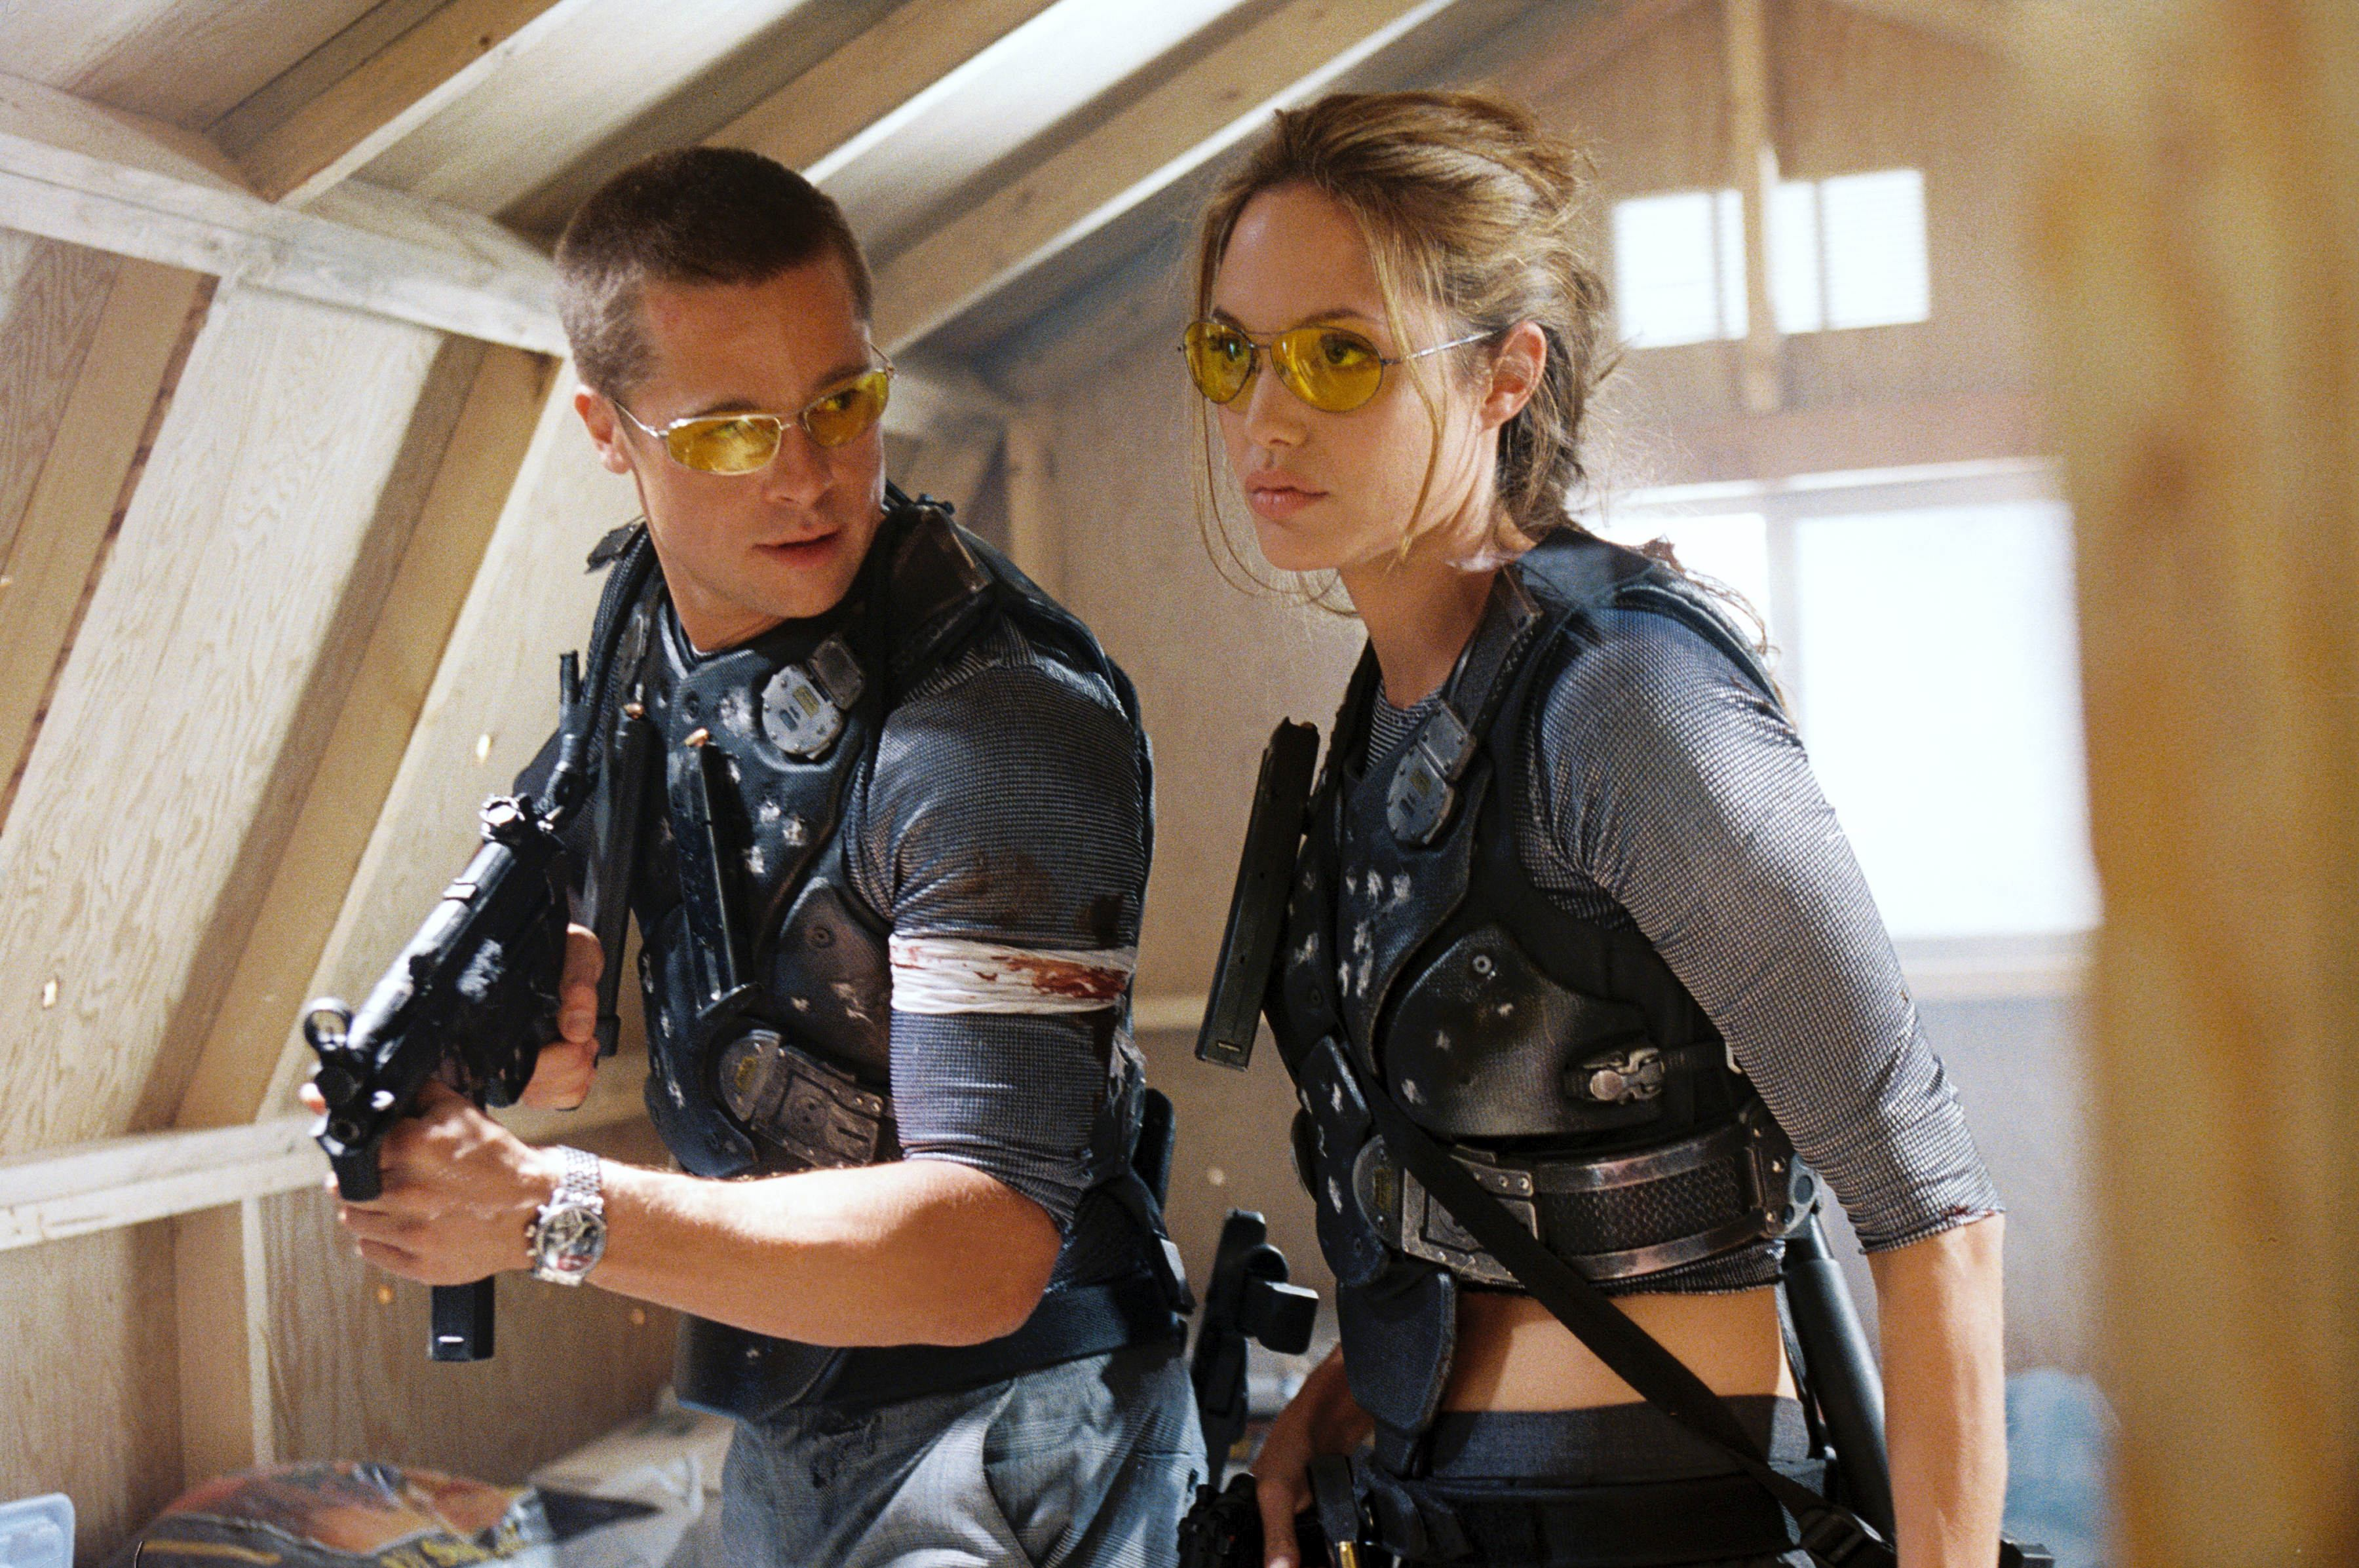 Brad și Angelina s-au îndrăgostit pe platourile de filmare ale filmului Mr. & Mrs. Smith.